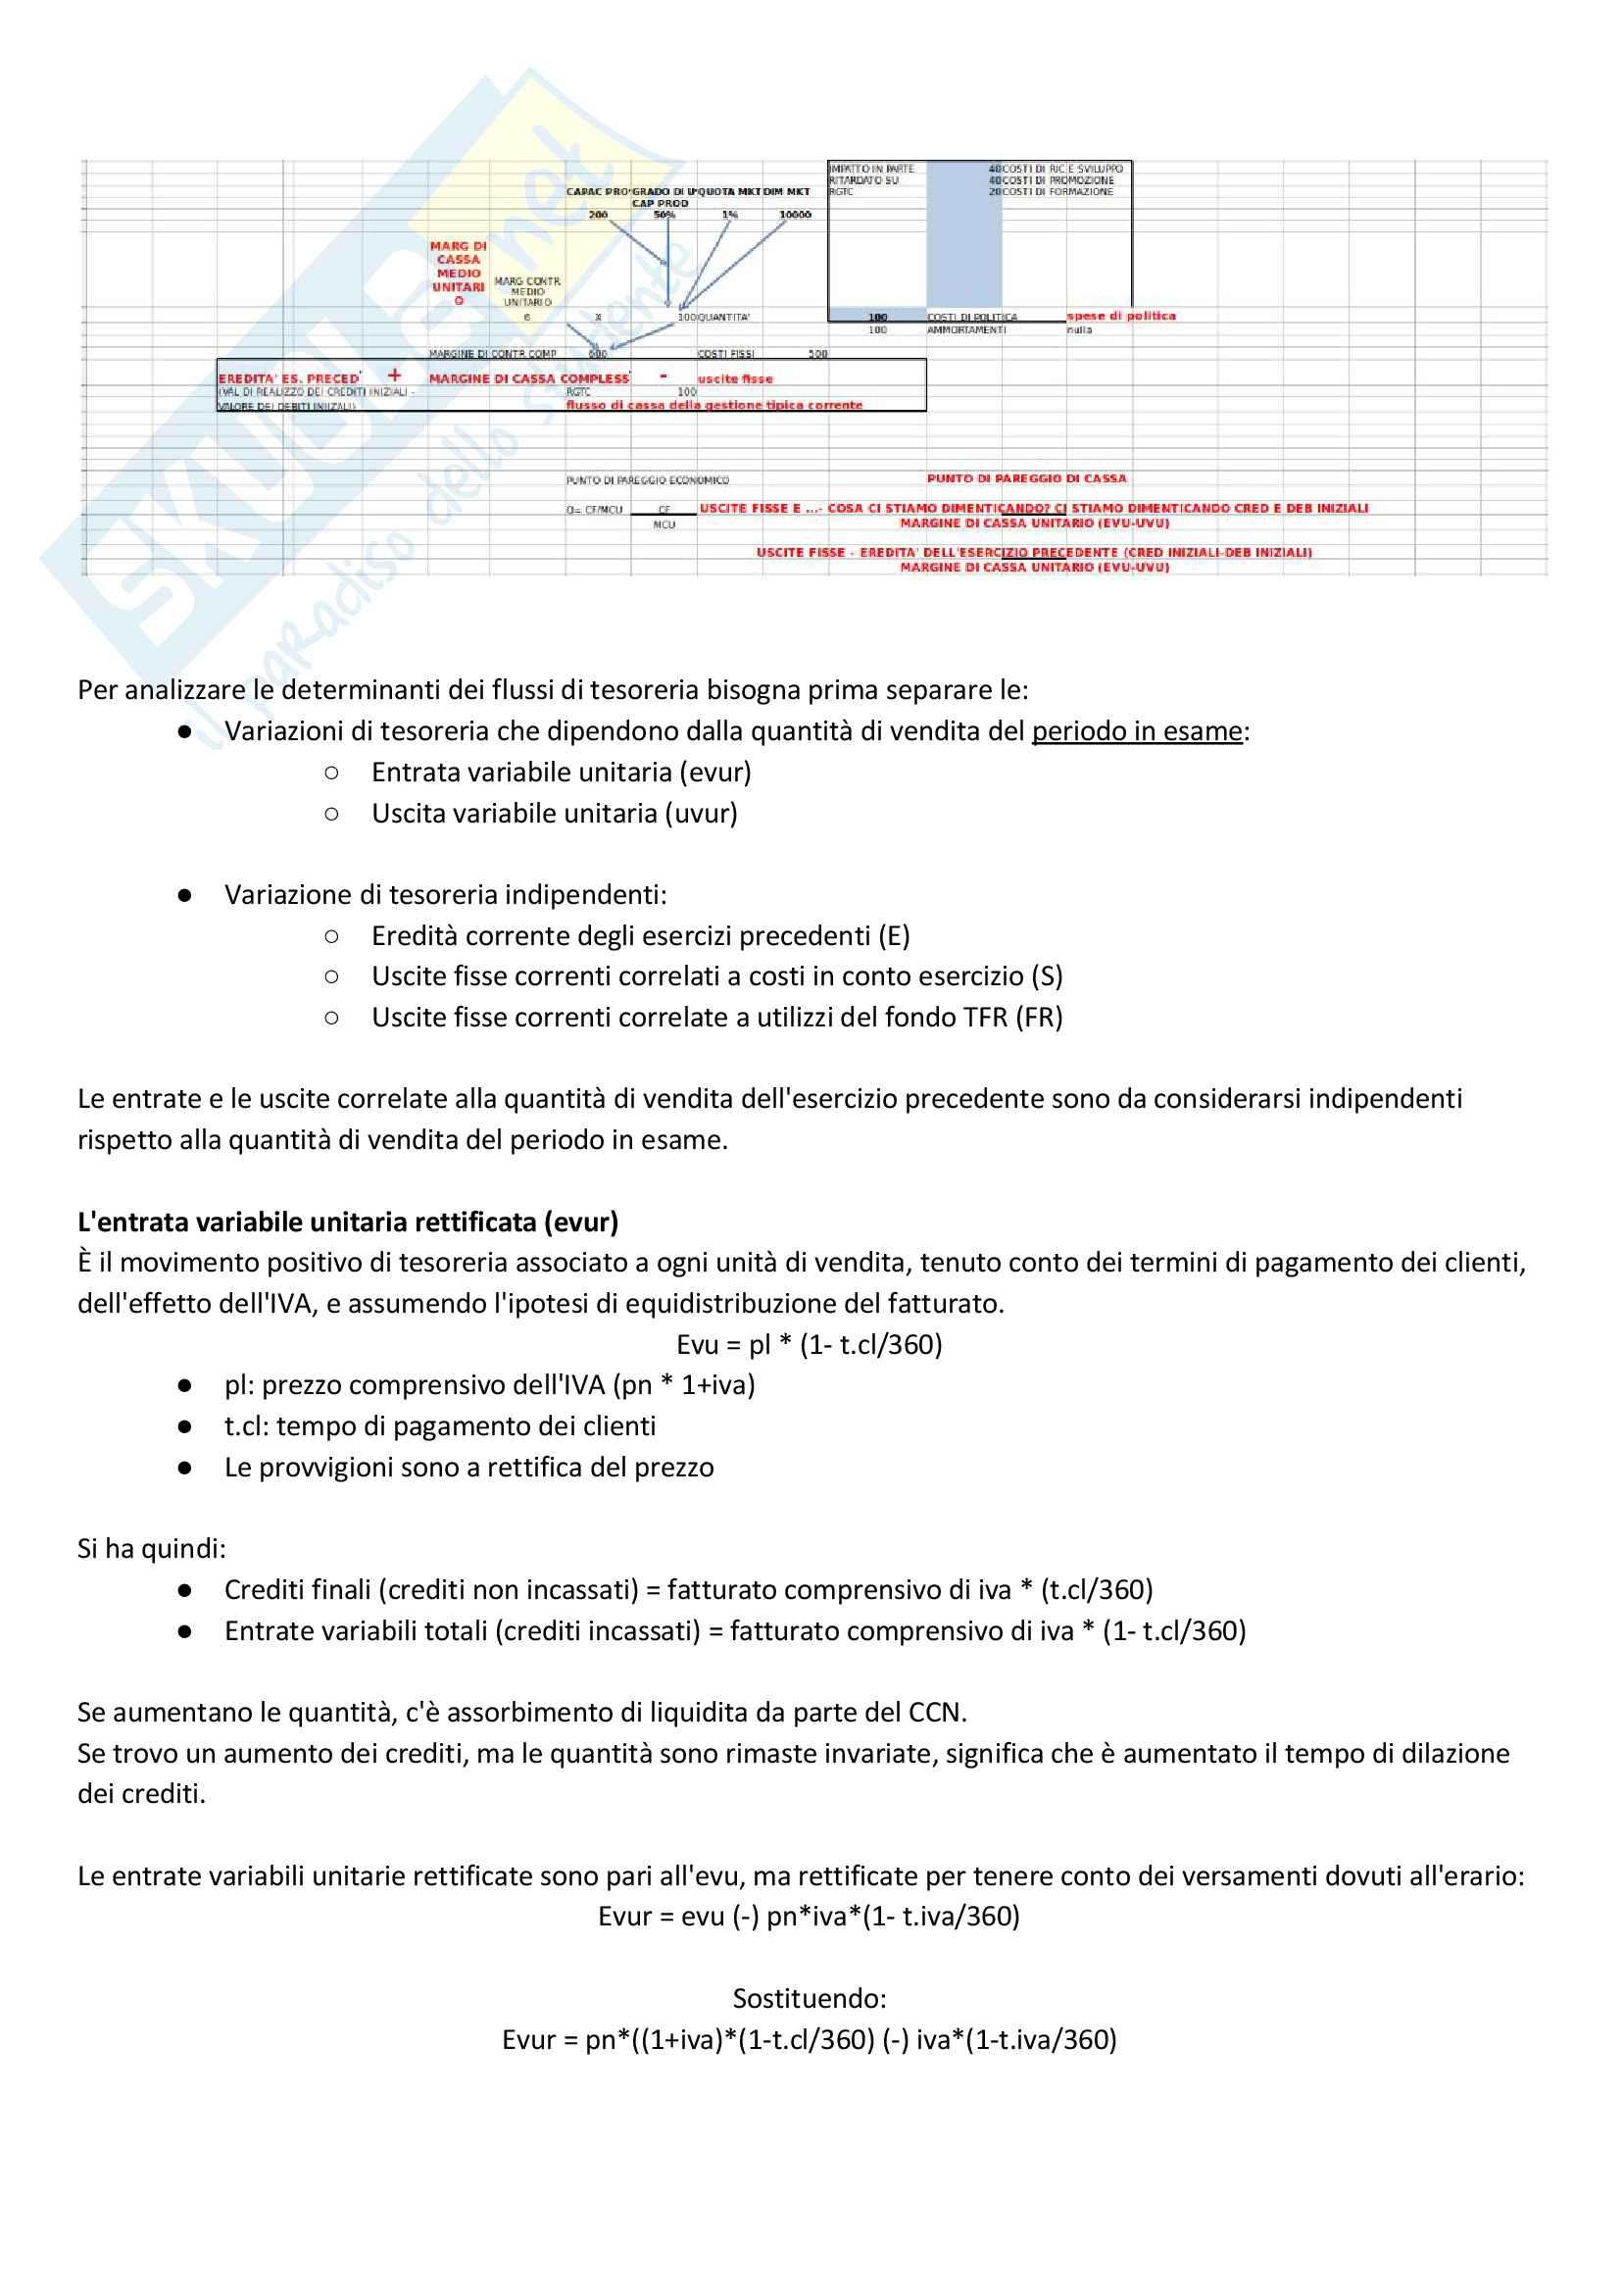 Apppunti di Metodologie 2 (bilancio consolidato e analisi di bilancio) + temi d'esame svolti Pag. 71